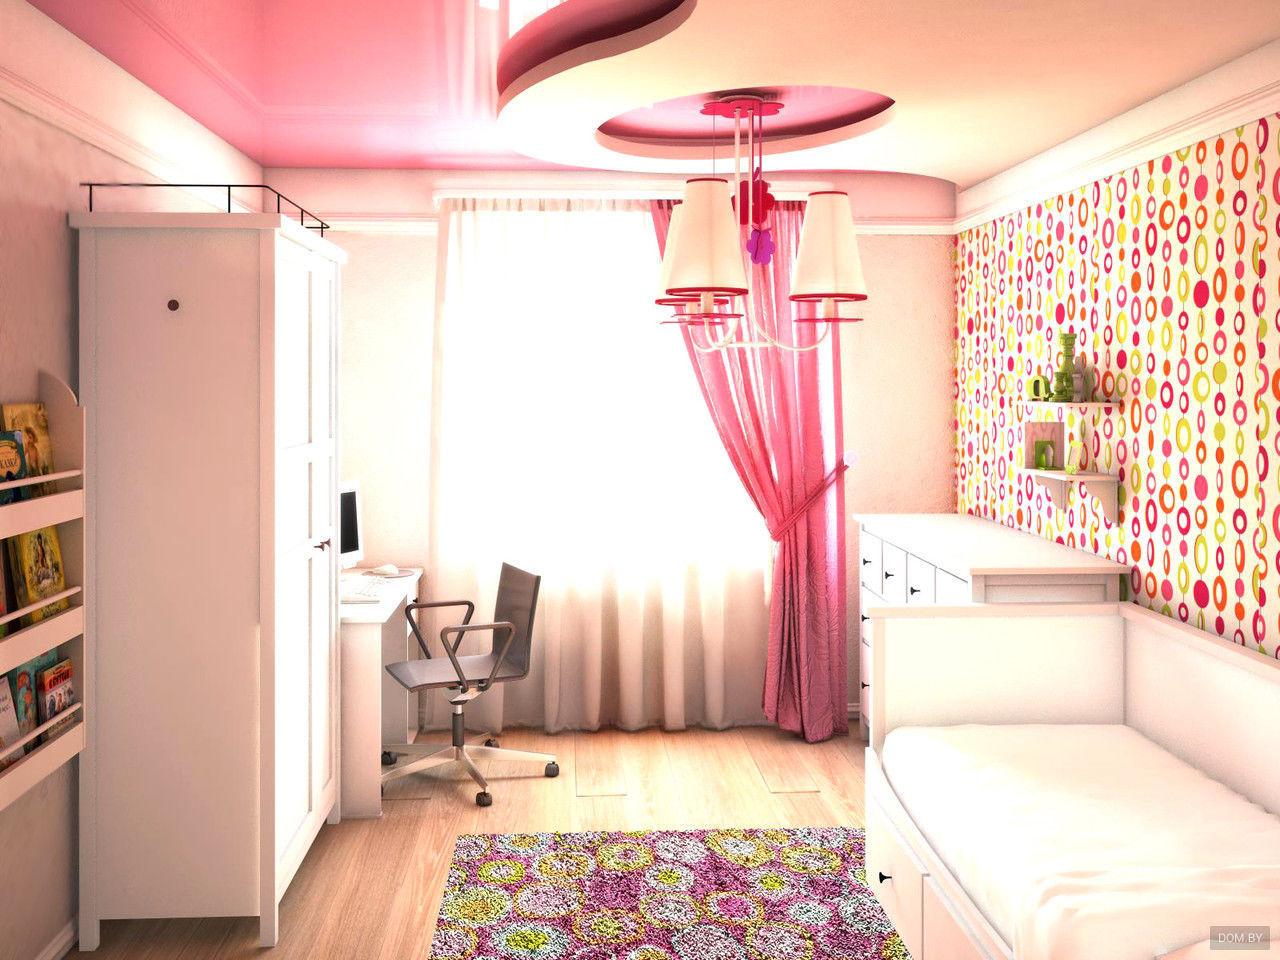 Дизайн потолка в детской - несколько оригинальных решений.